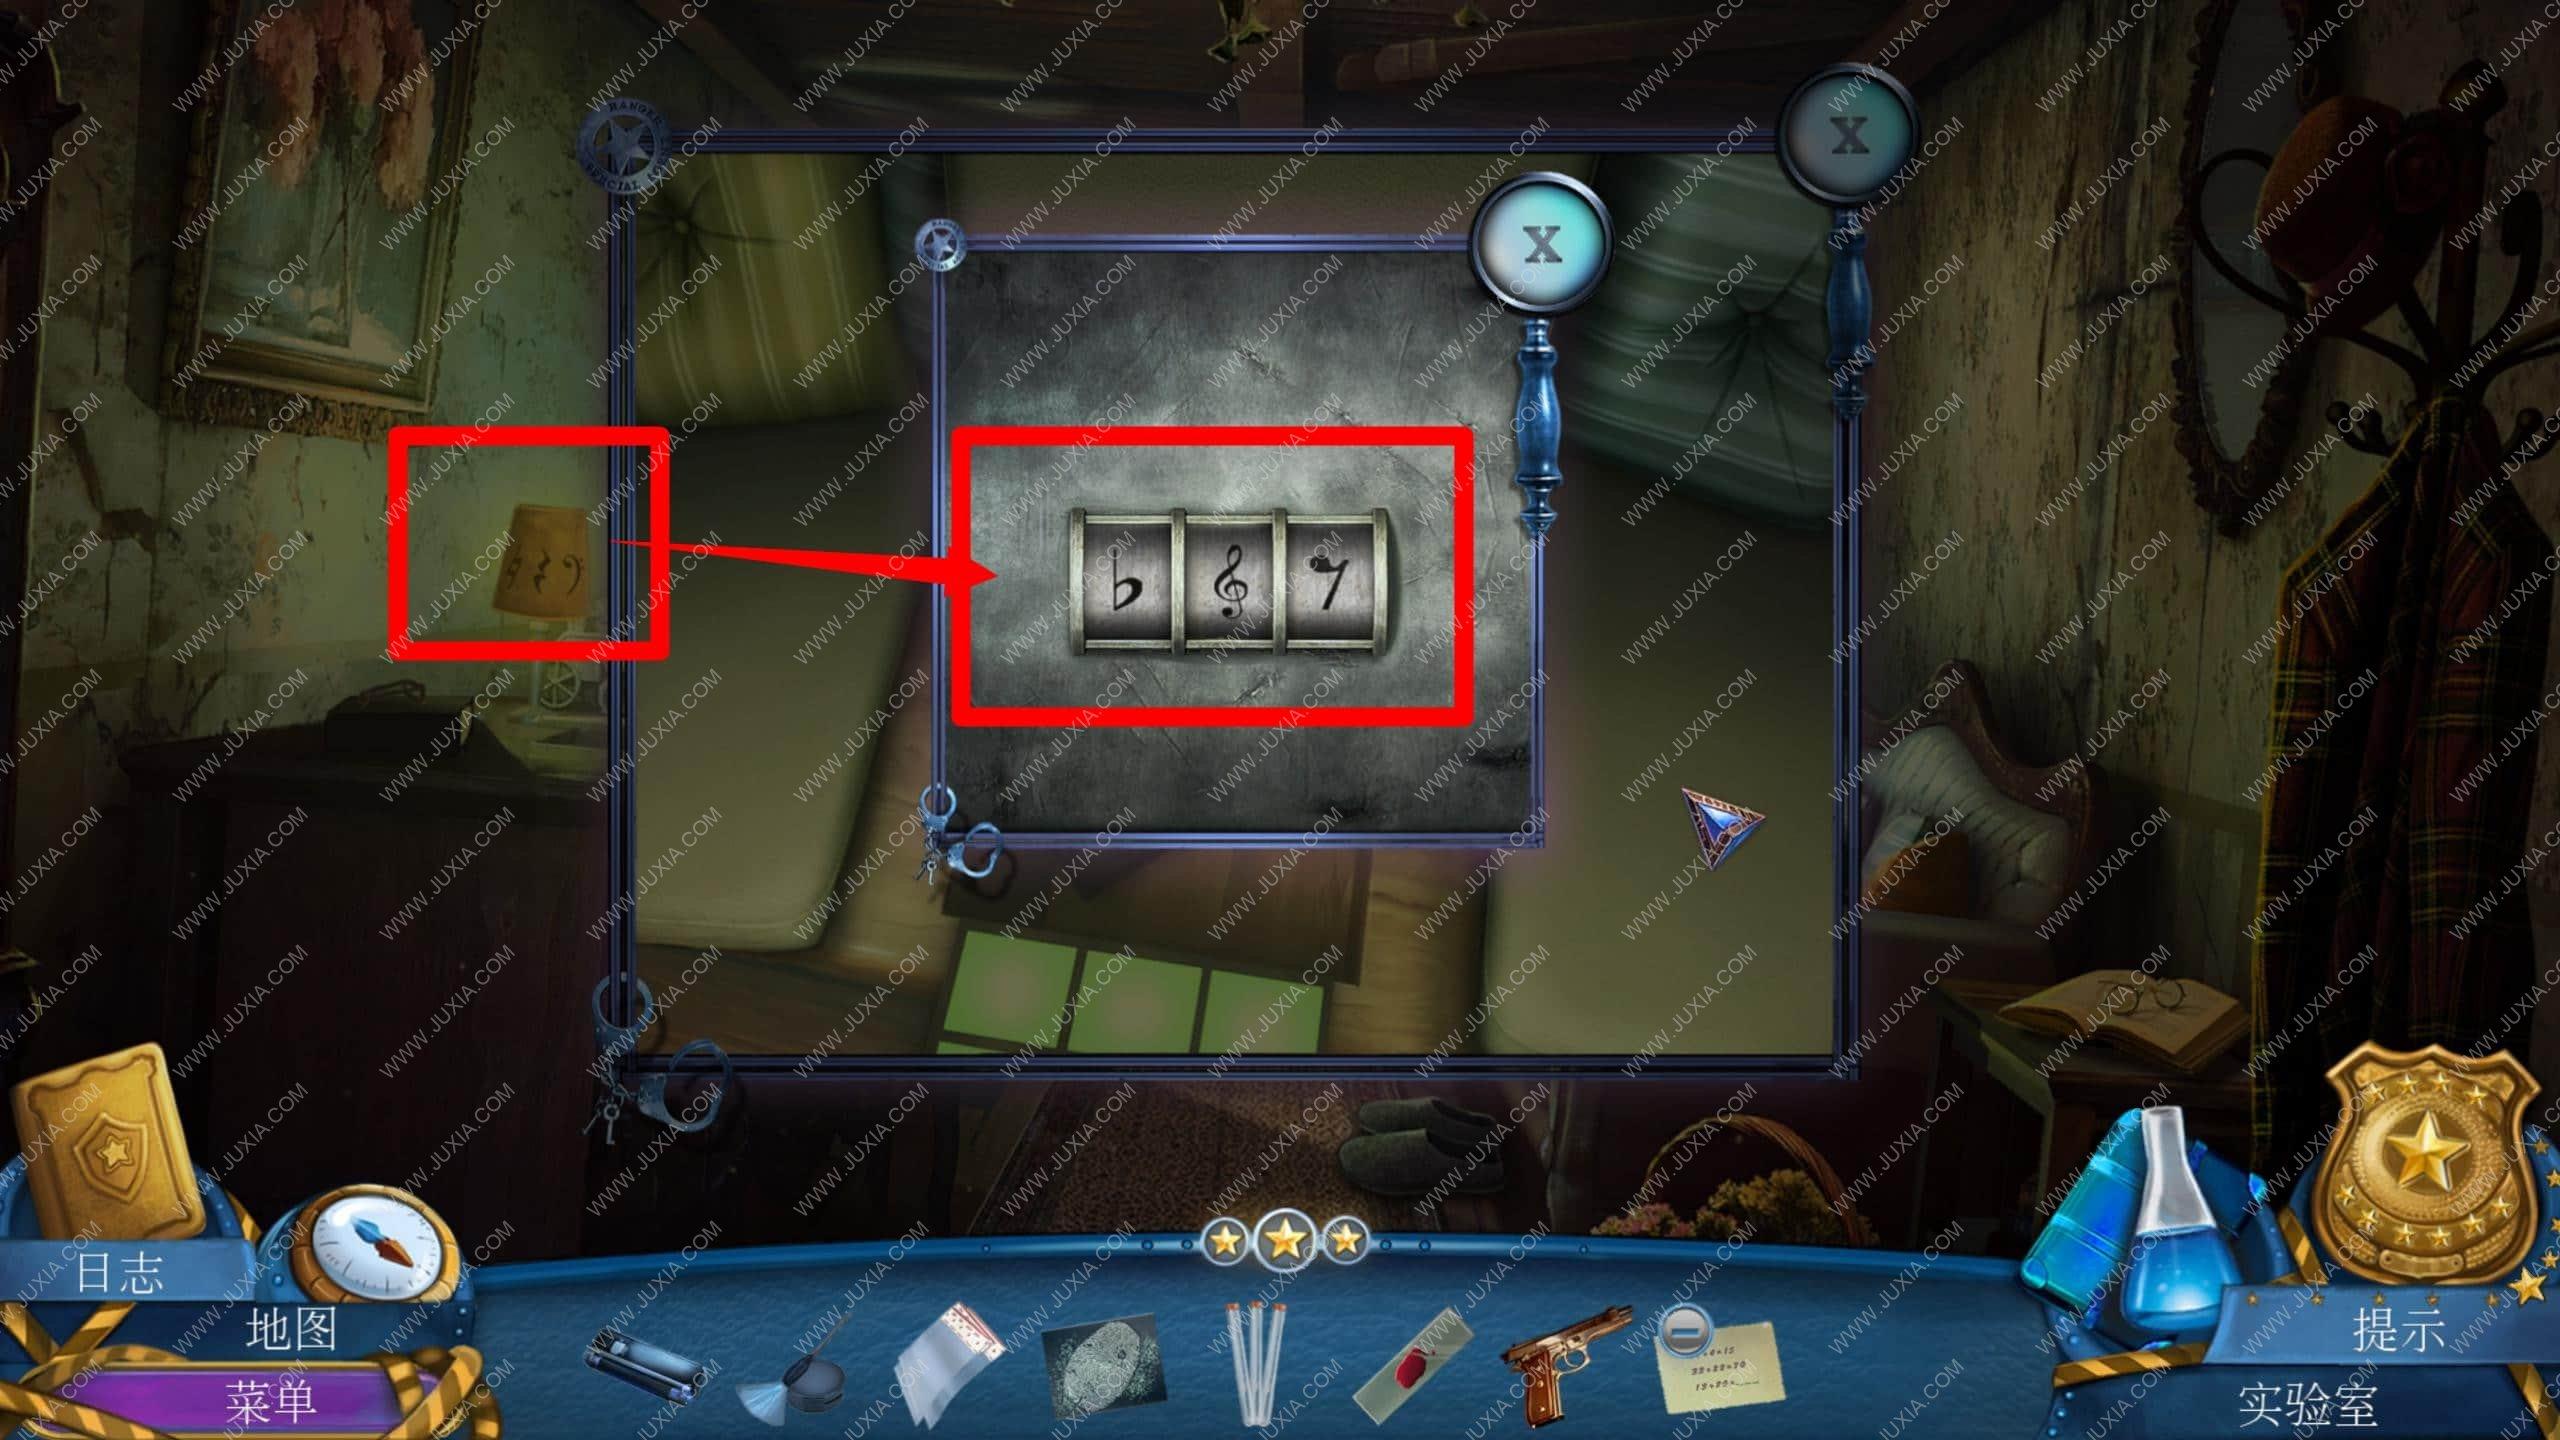 密室逃脱滚动迷城攻略第二章 幽灵档案罪恶的面孔攻略寻物游戏